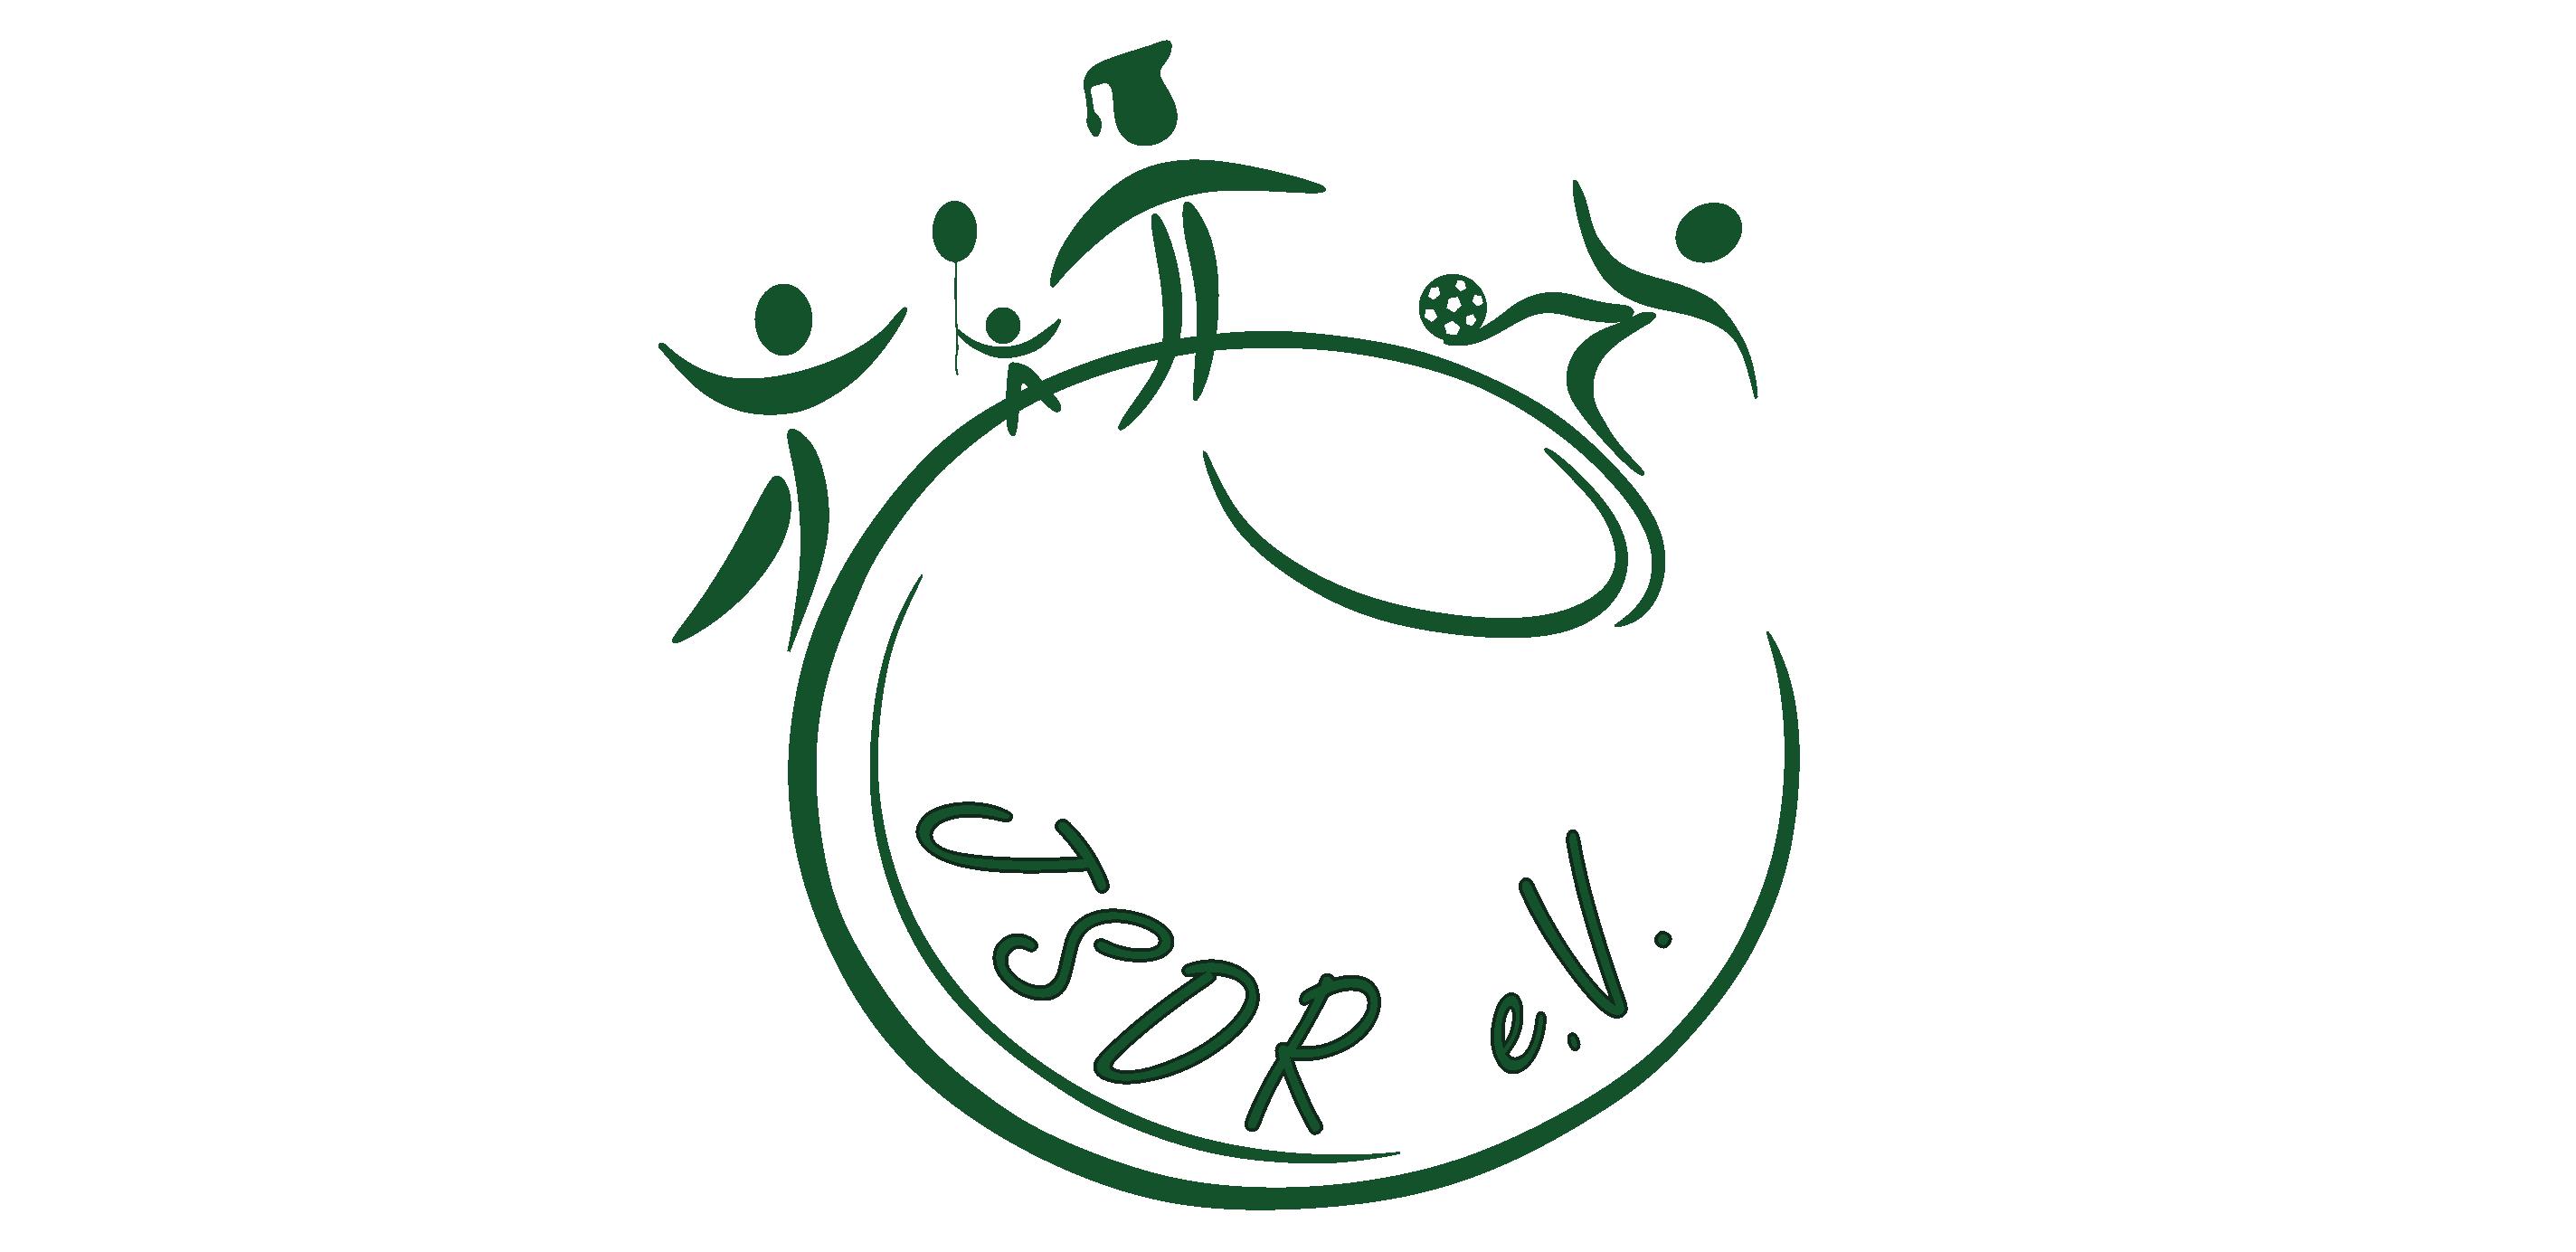 JSDR e.V. Logo